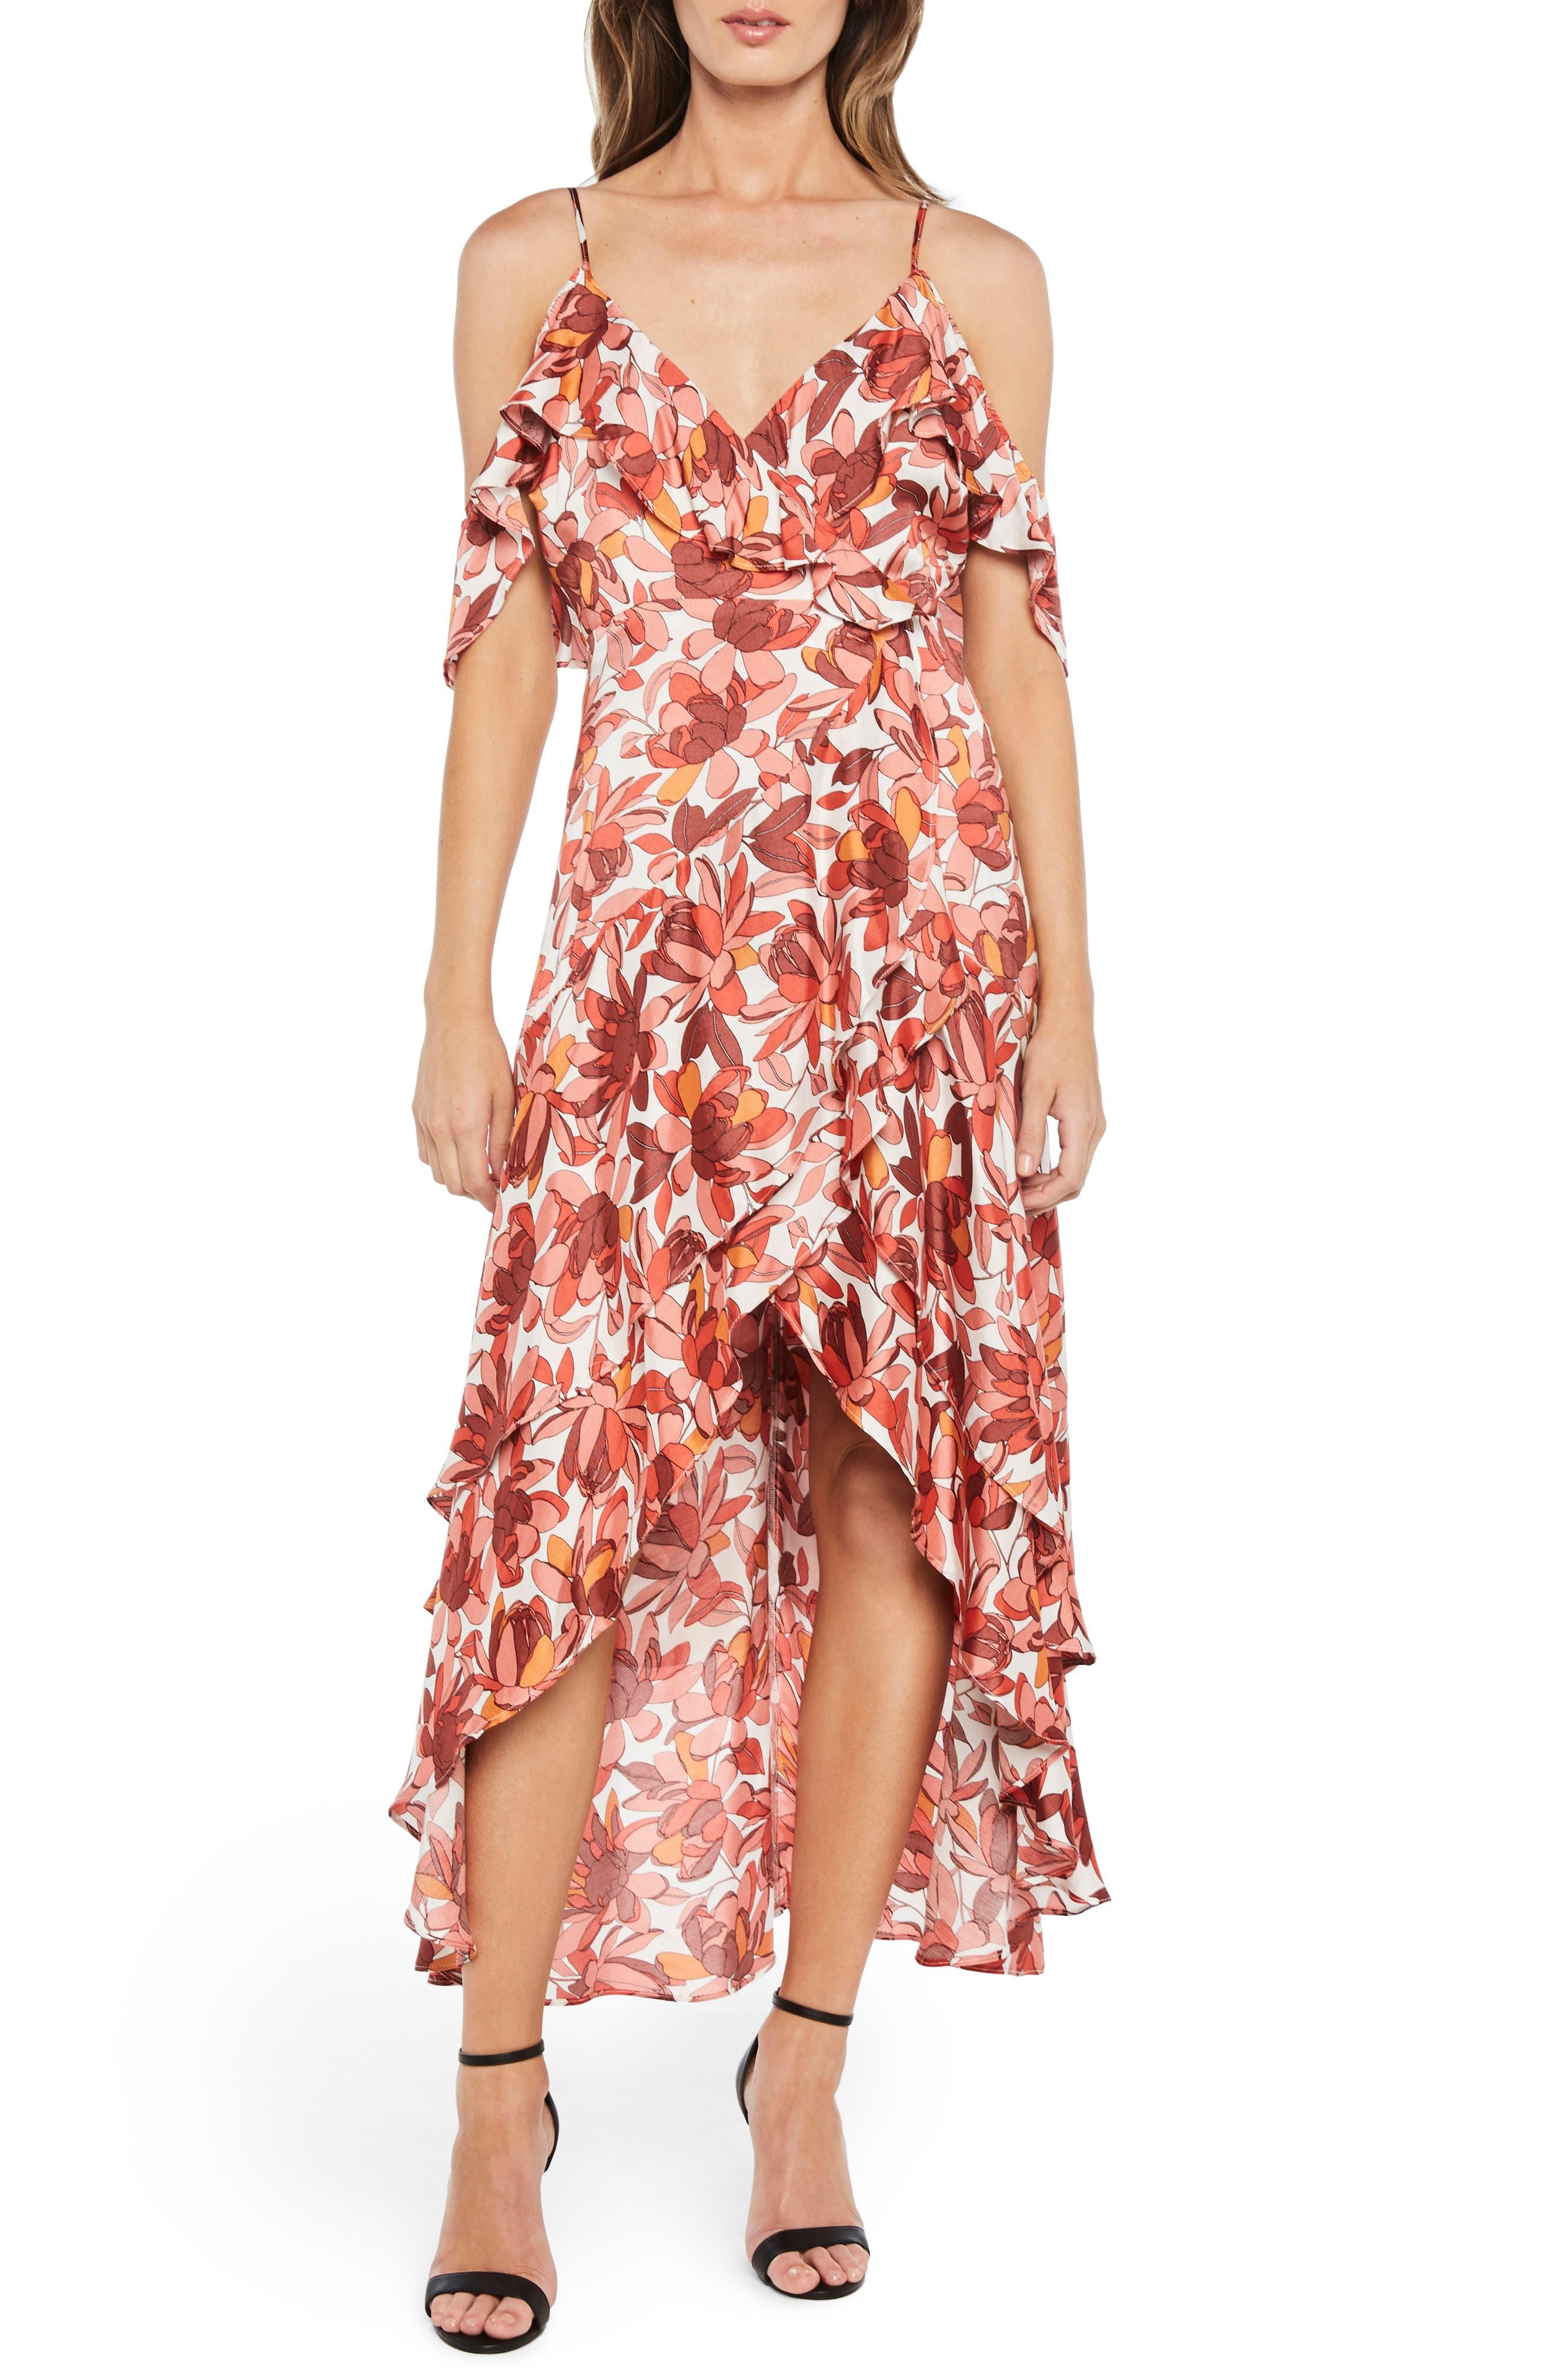 Bardot Frankie Frill Floral Dress